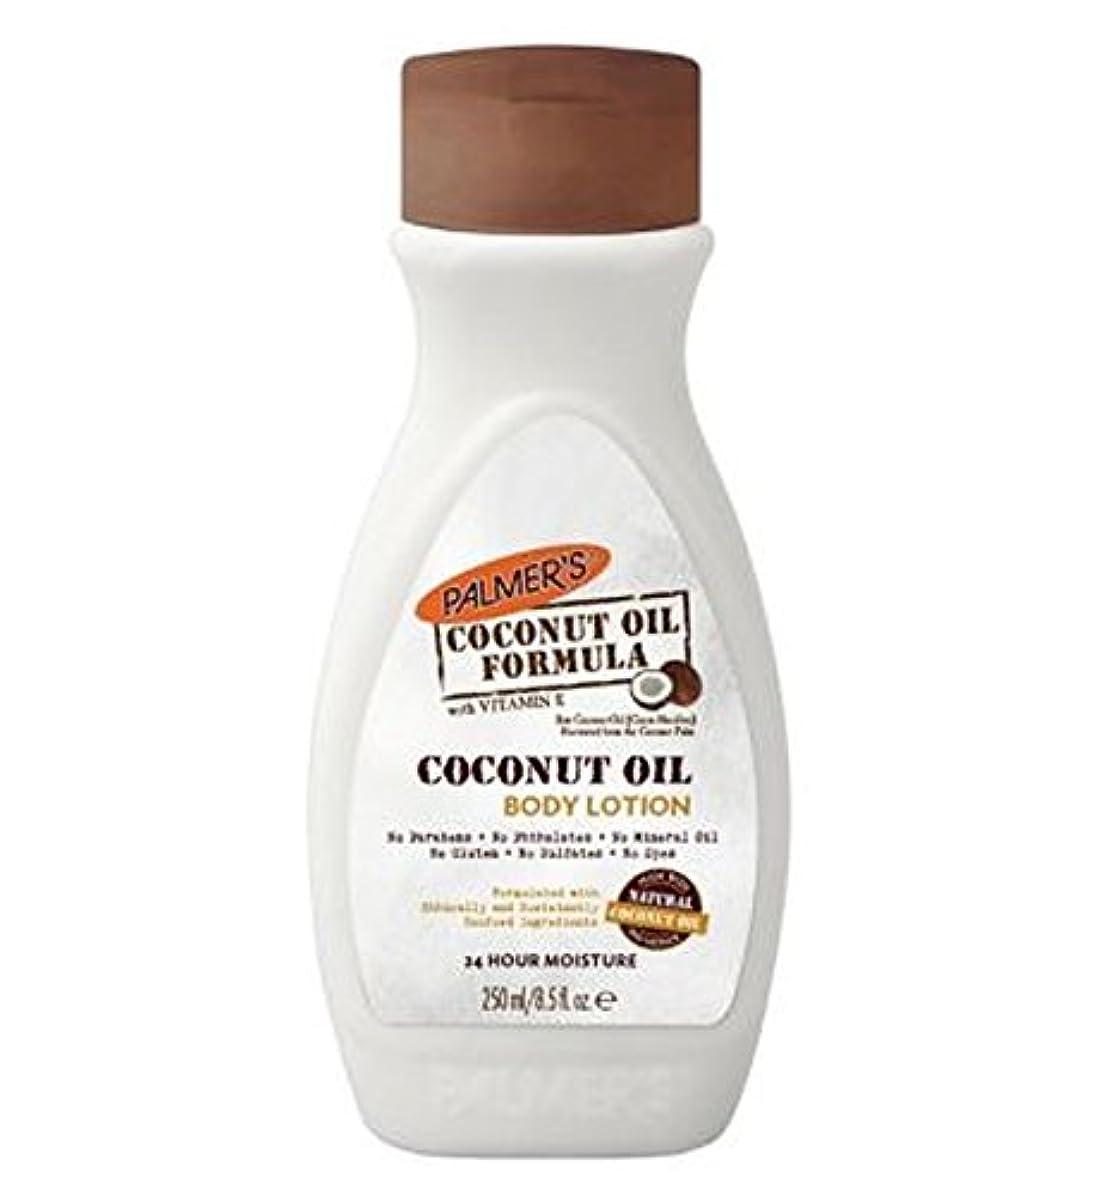 服を片付ける特にペニーPalmer's Coconut Oil Formula Body Lotion 250ml - パーマーのココナッツオイル式ボディローション250ミリリットル (Palmer's) [並行輸入品]